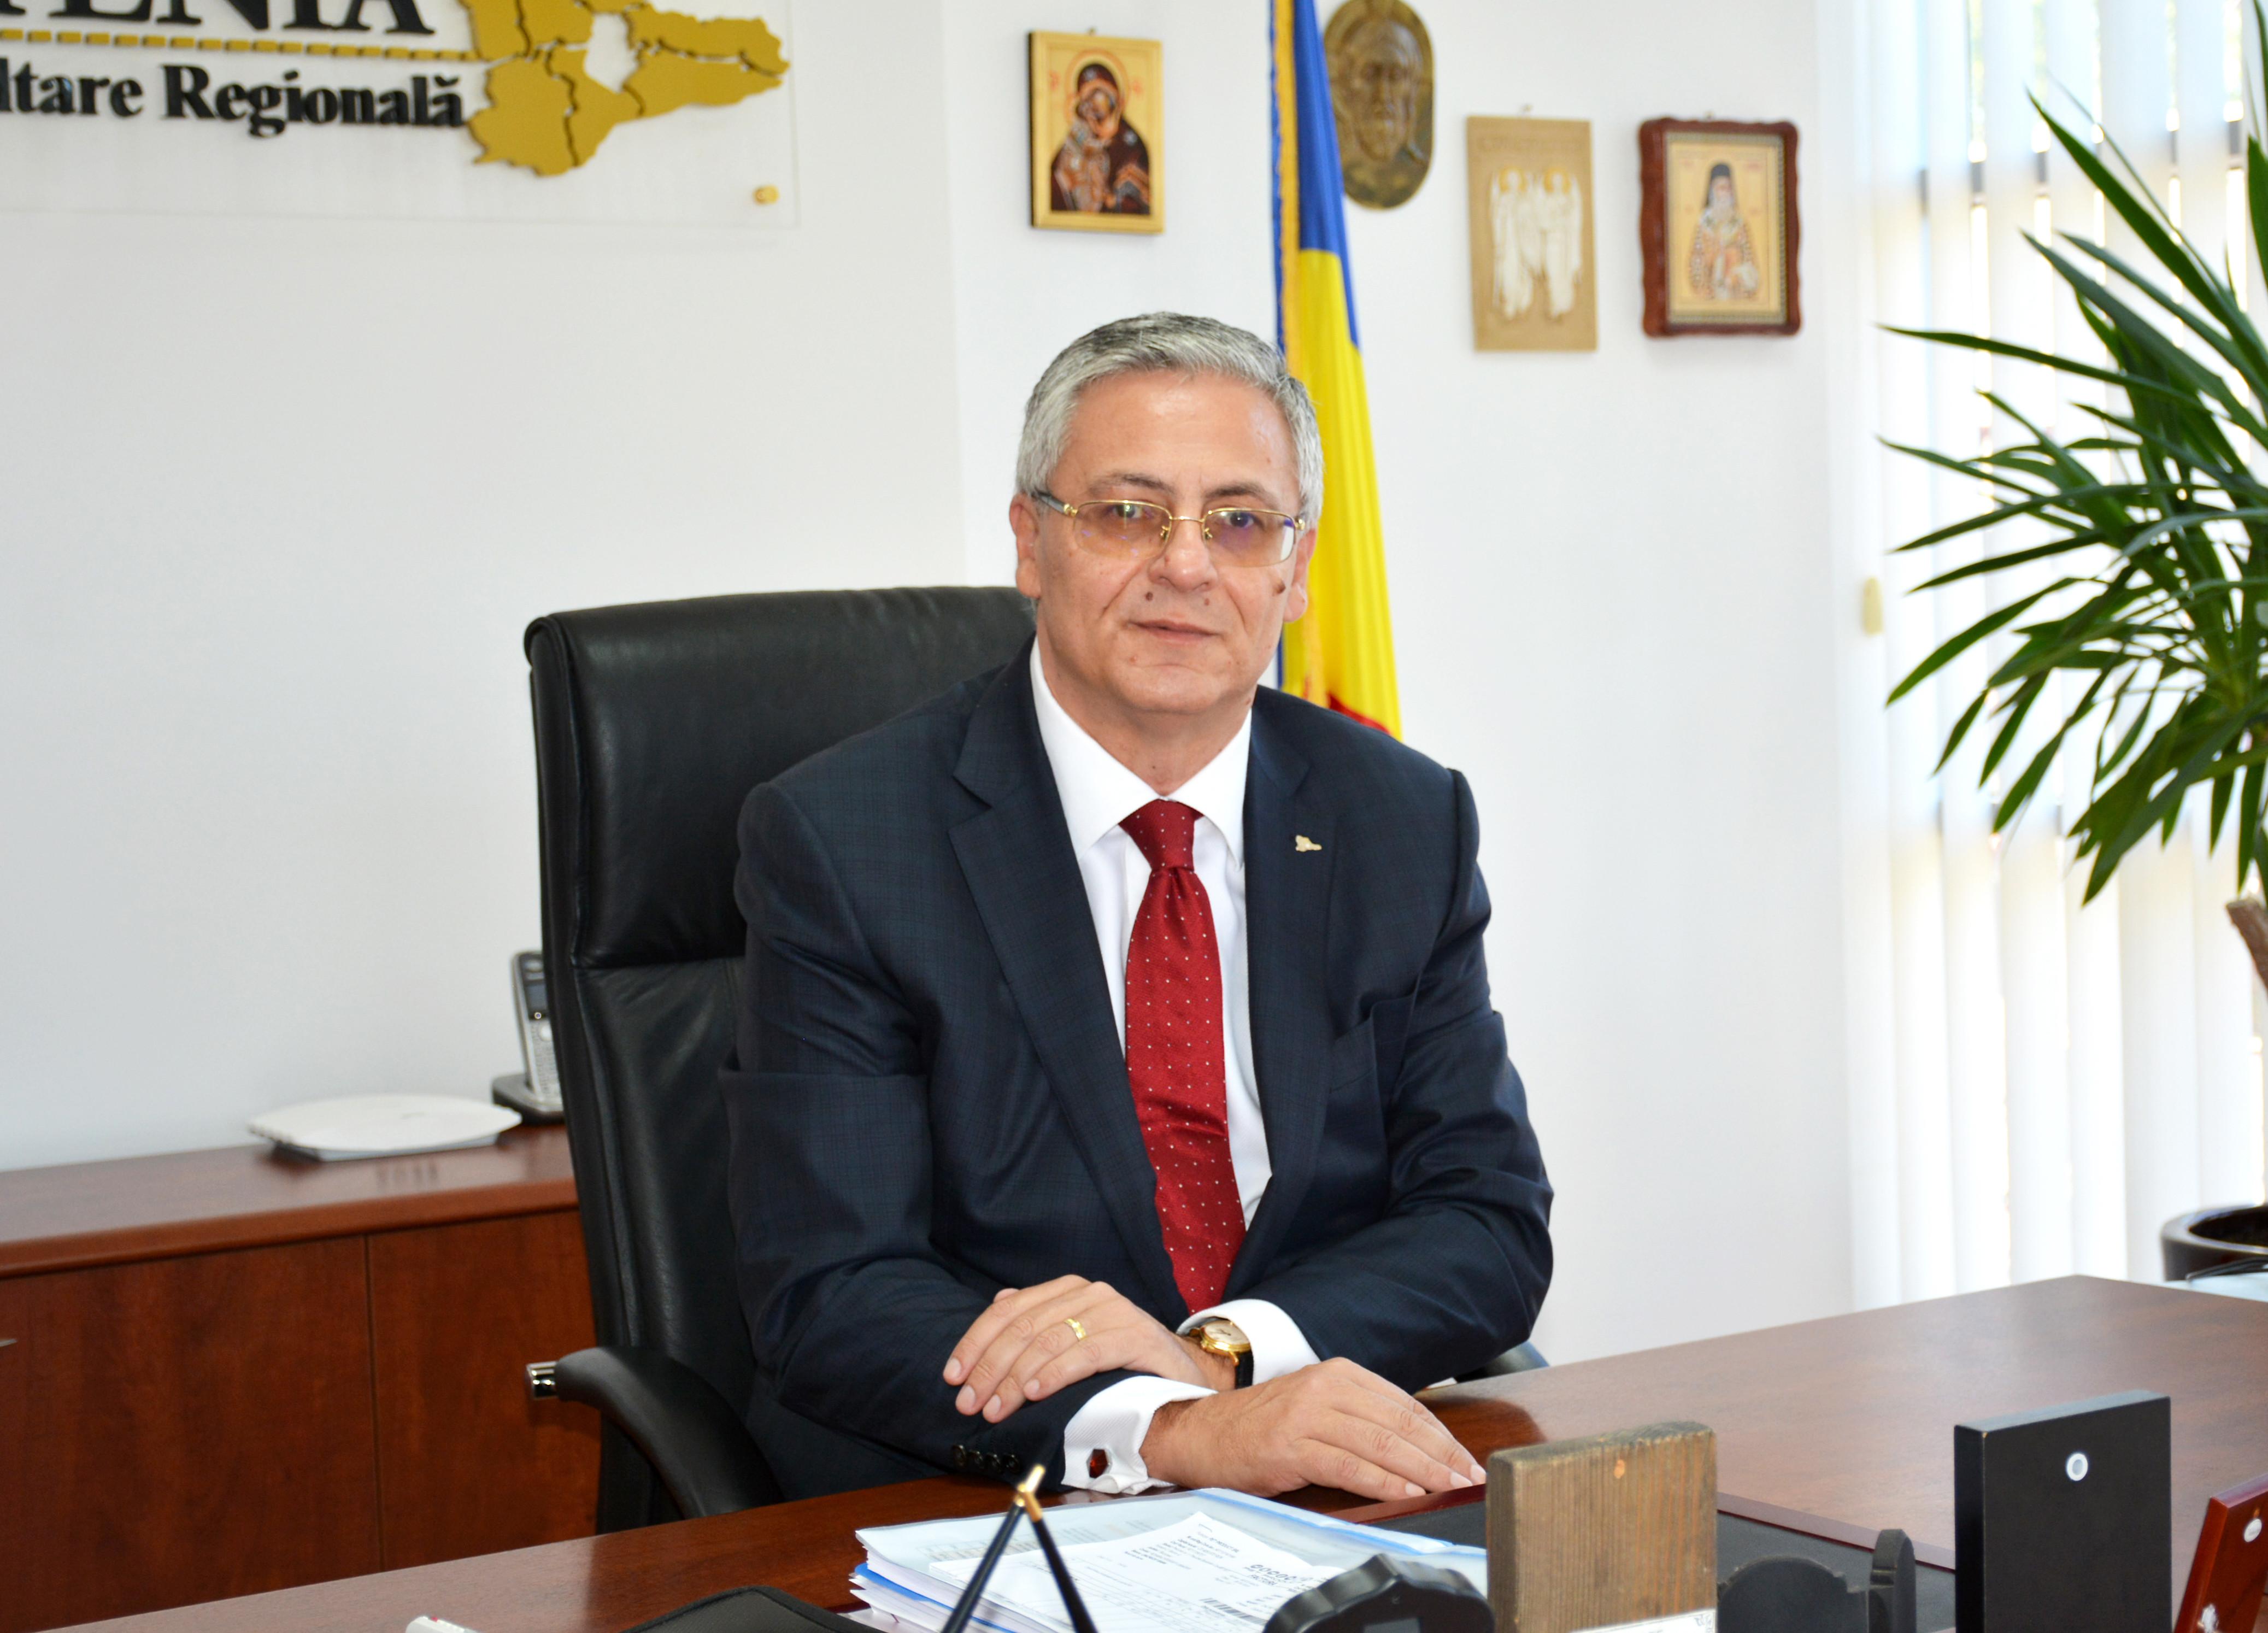 Liviu Gabriel Mușat, directorul general al Agenției pentru Dezvoltare Regională Sud Muntenia